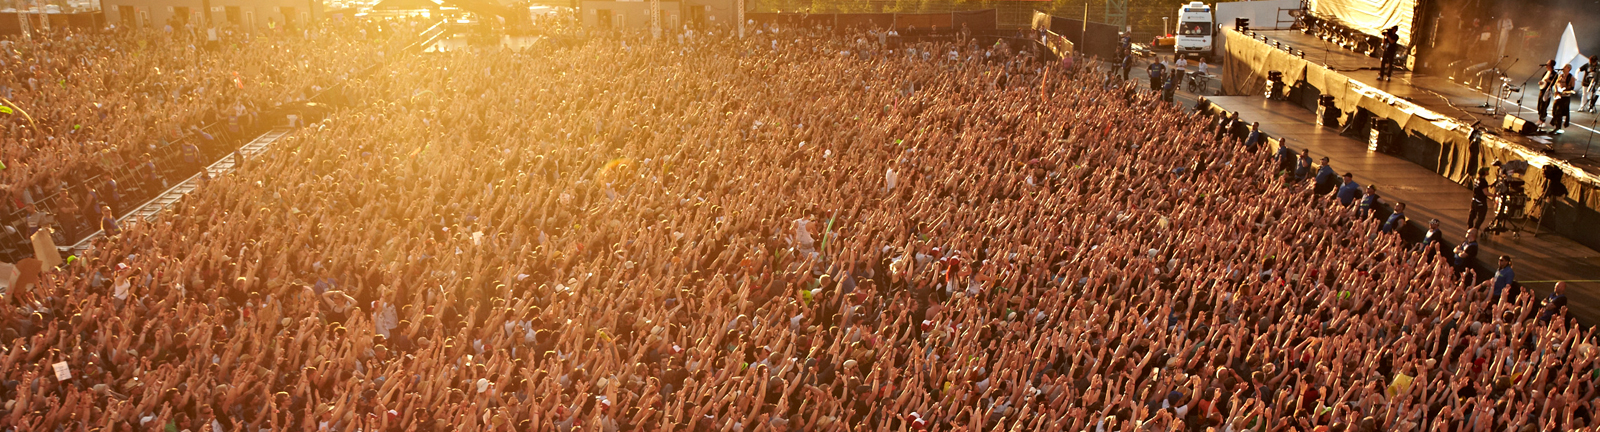 Publikum steht vor der Bühne bei Rock am Ring